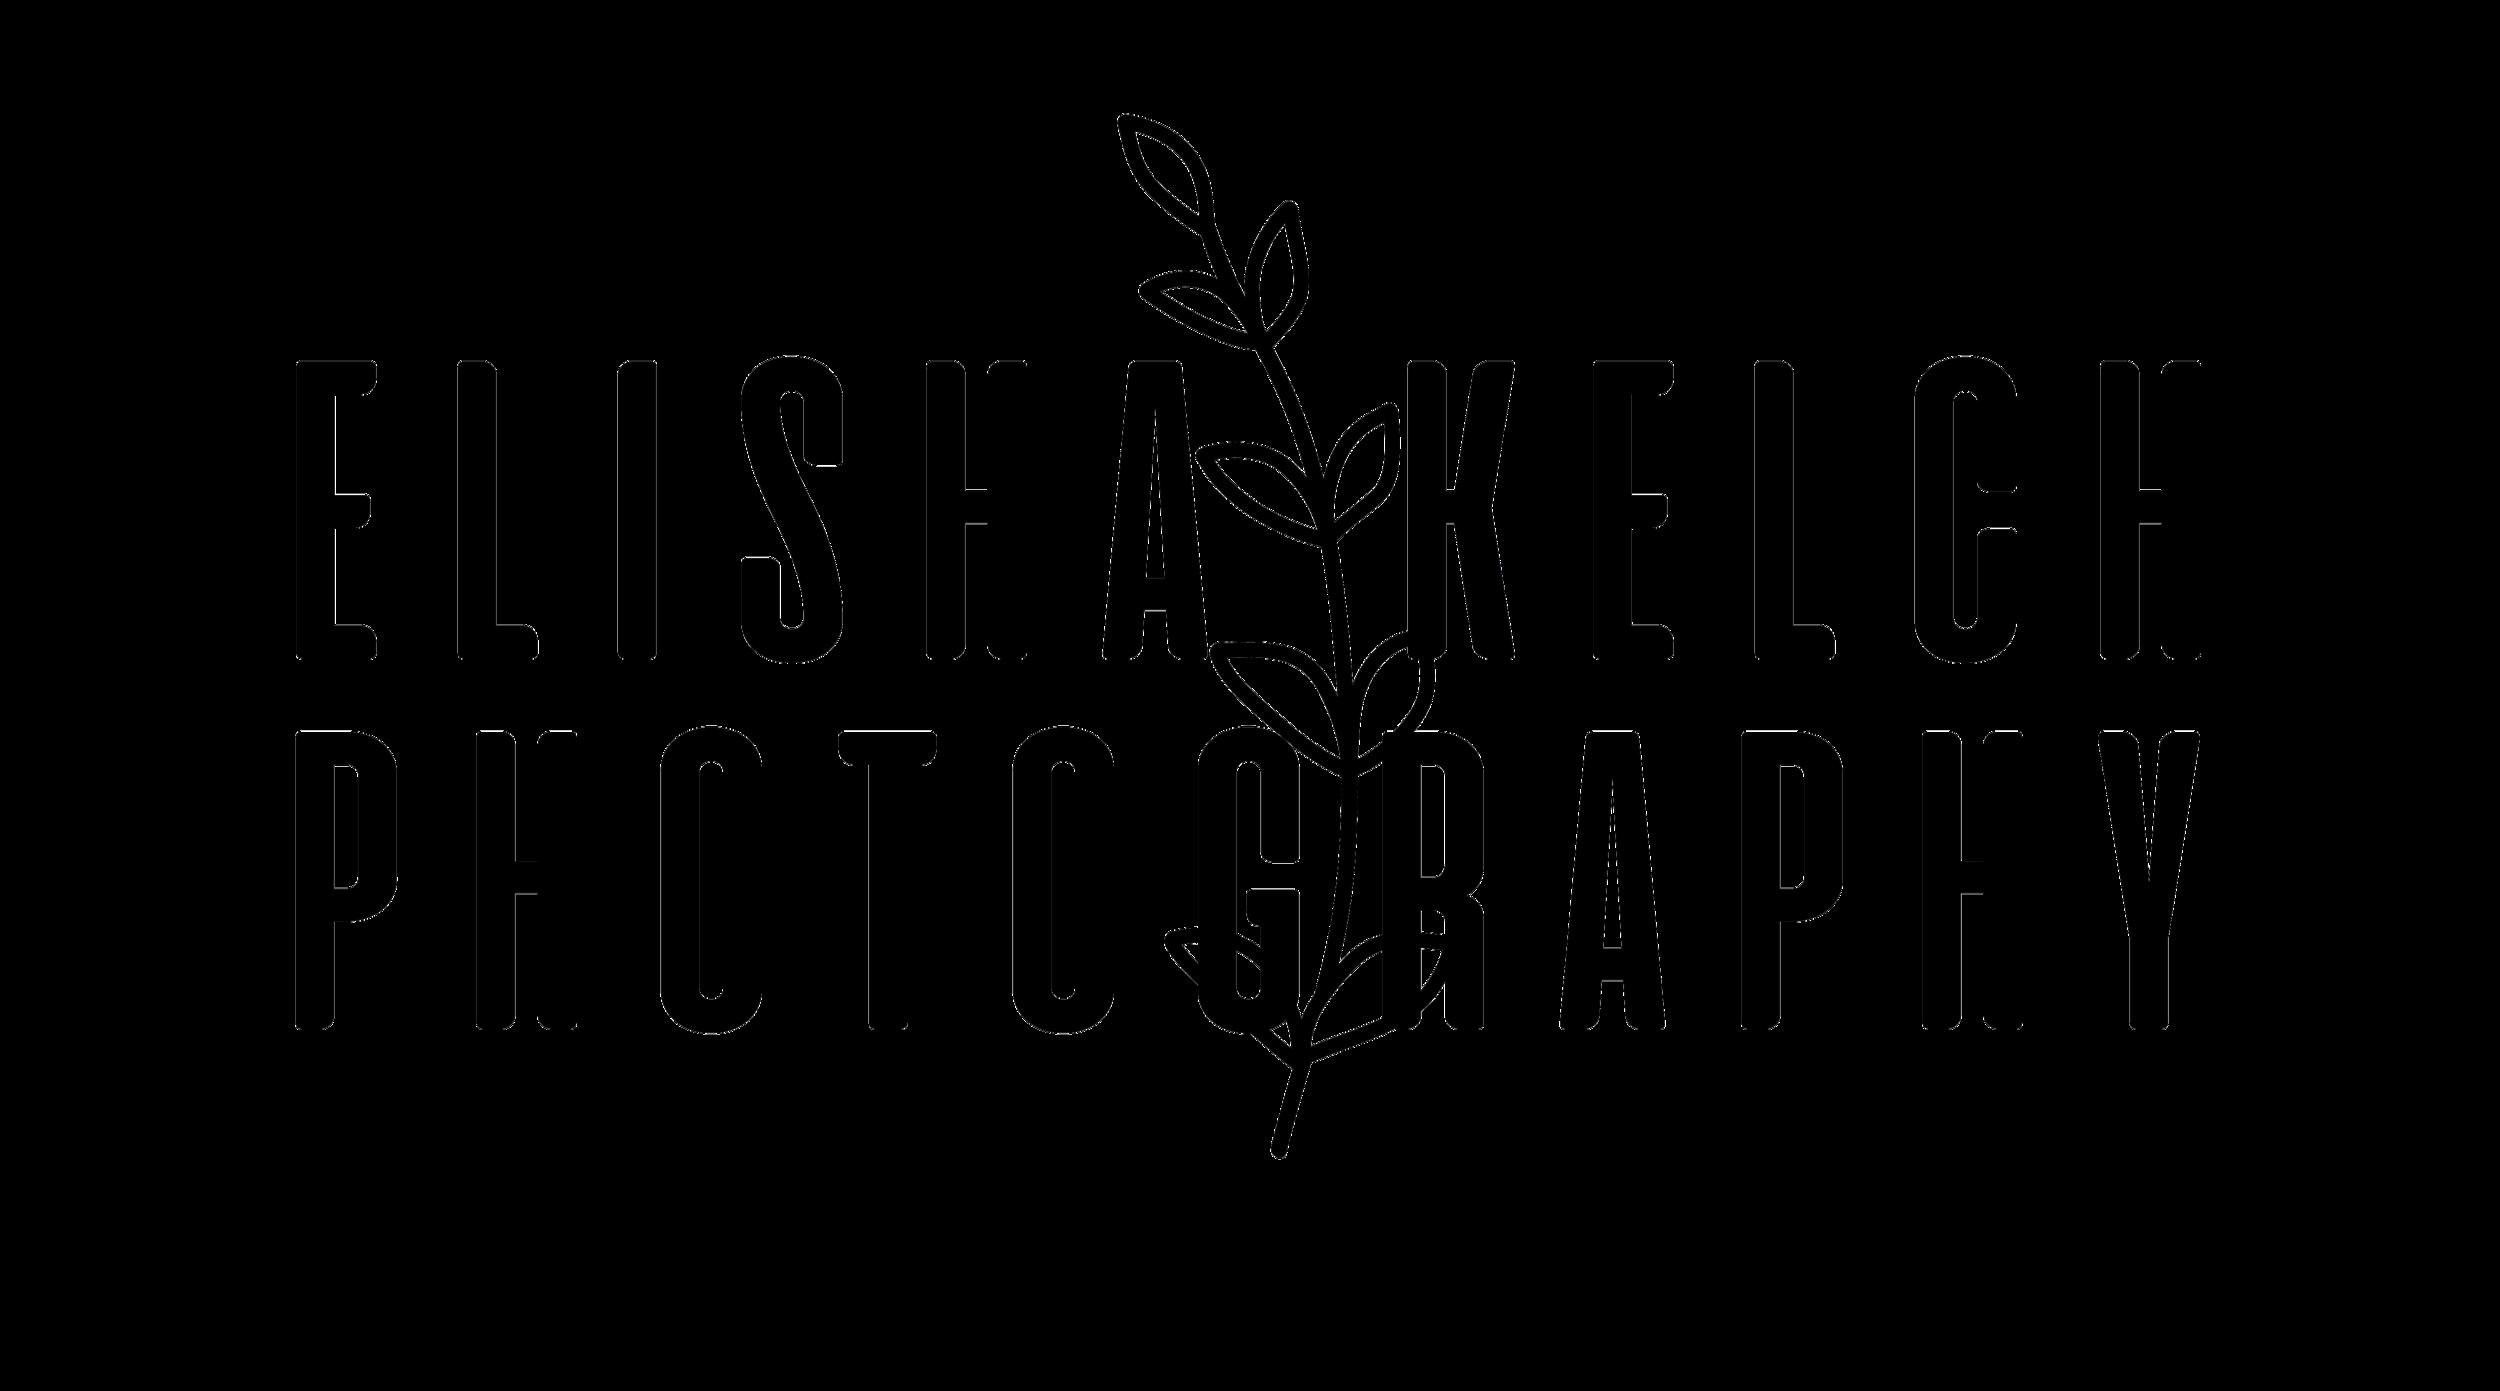 Elisha_Kelch_Logo01b.png